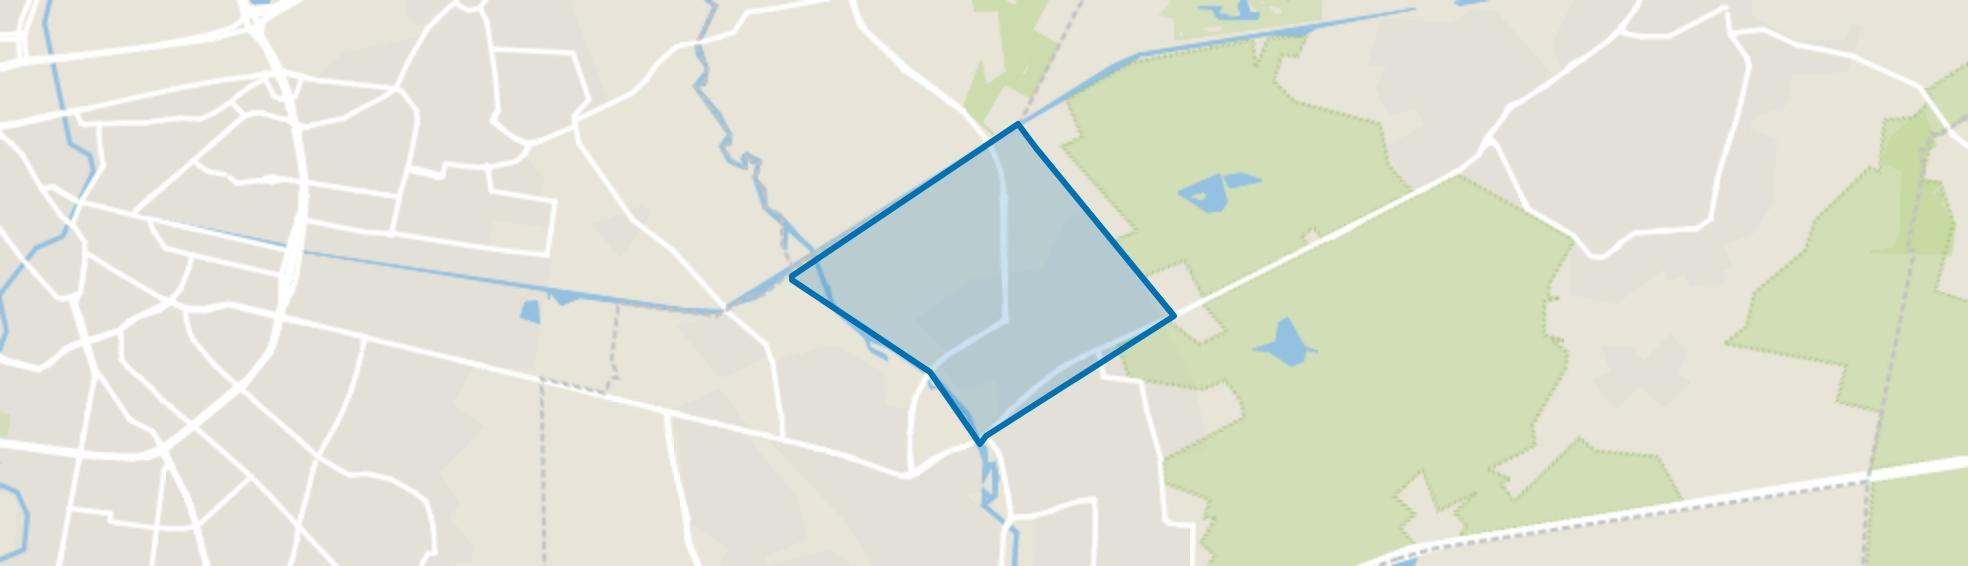 Braakhuizen-Noord, Geldrop map